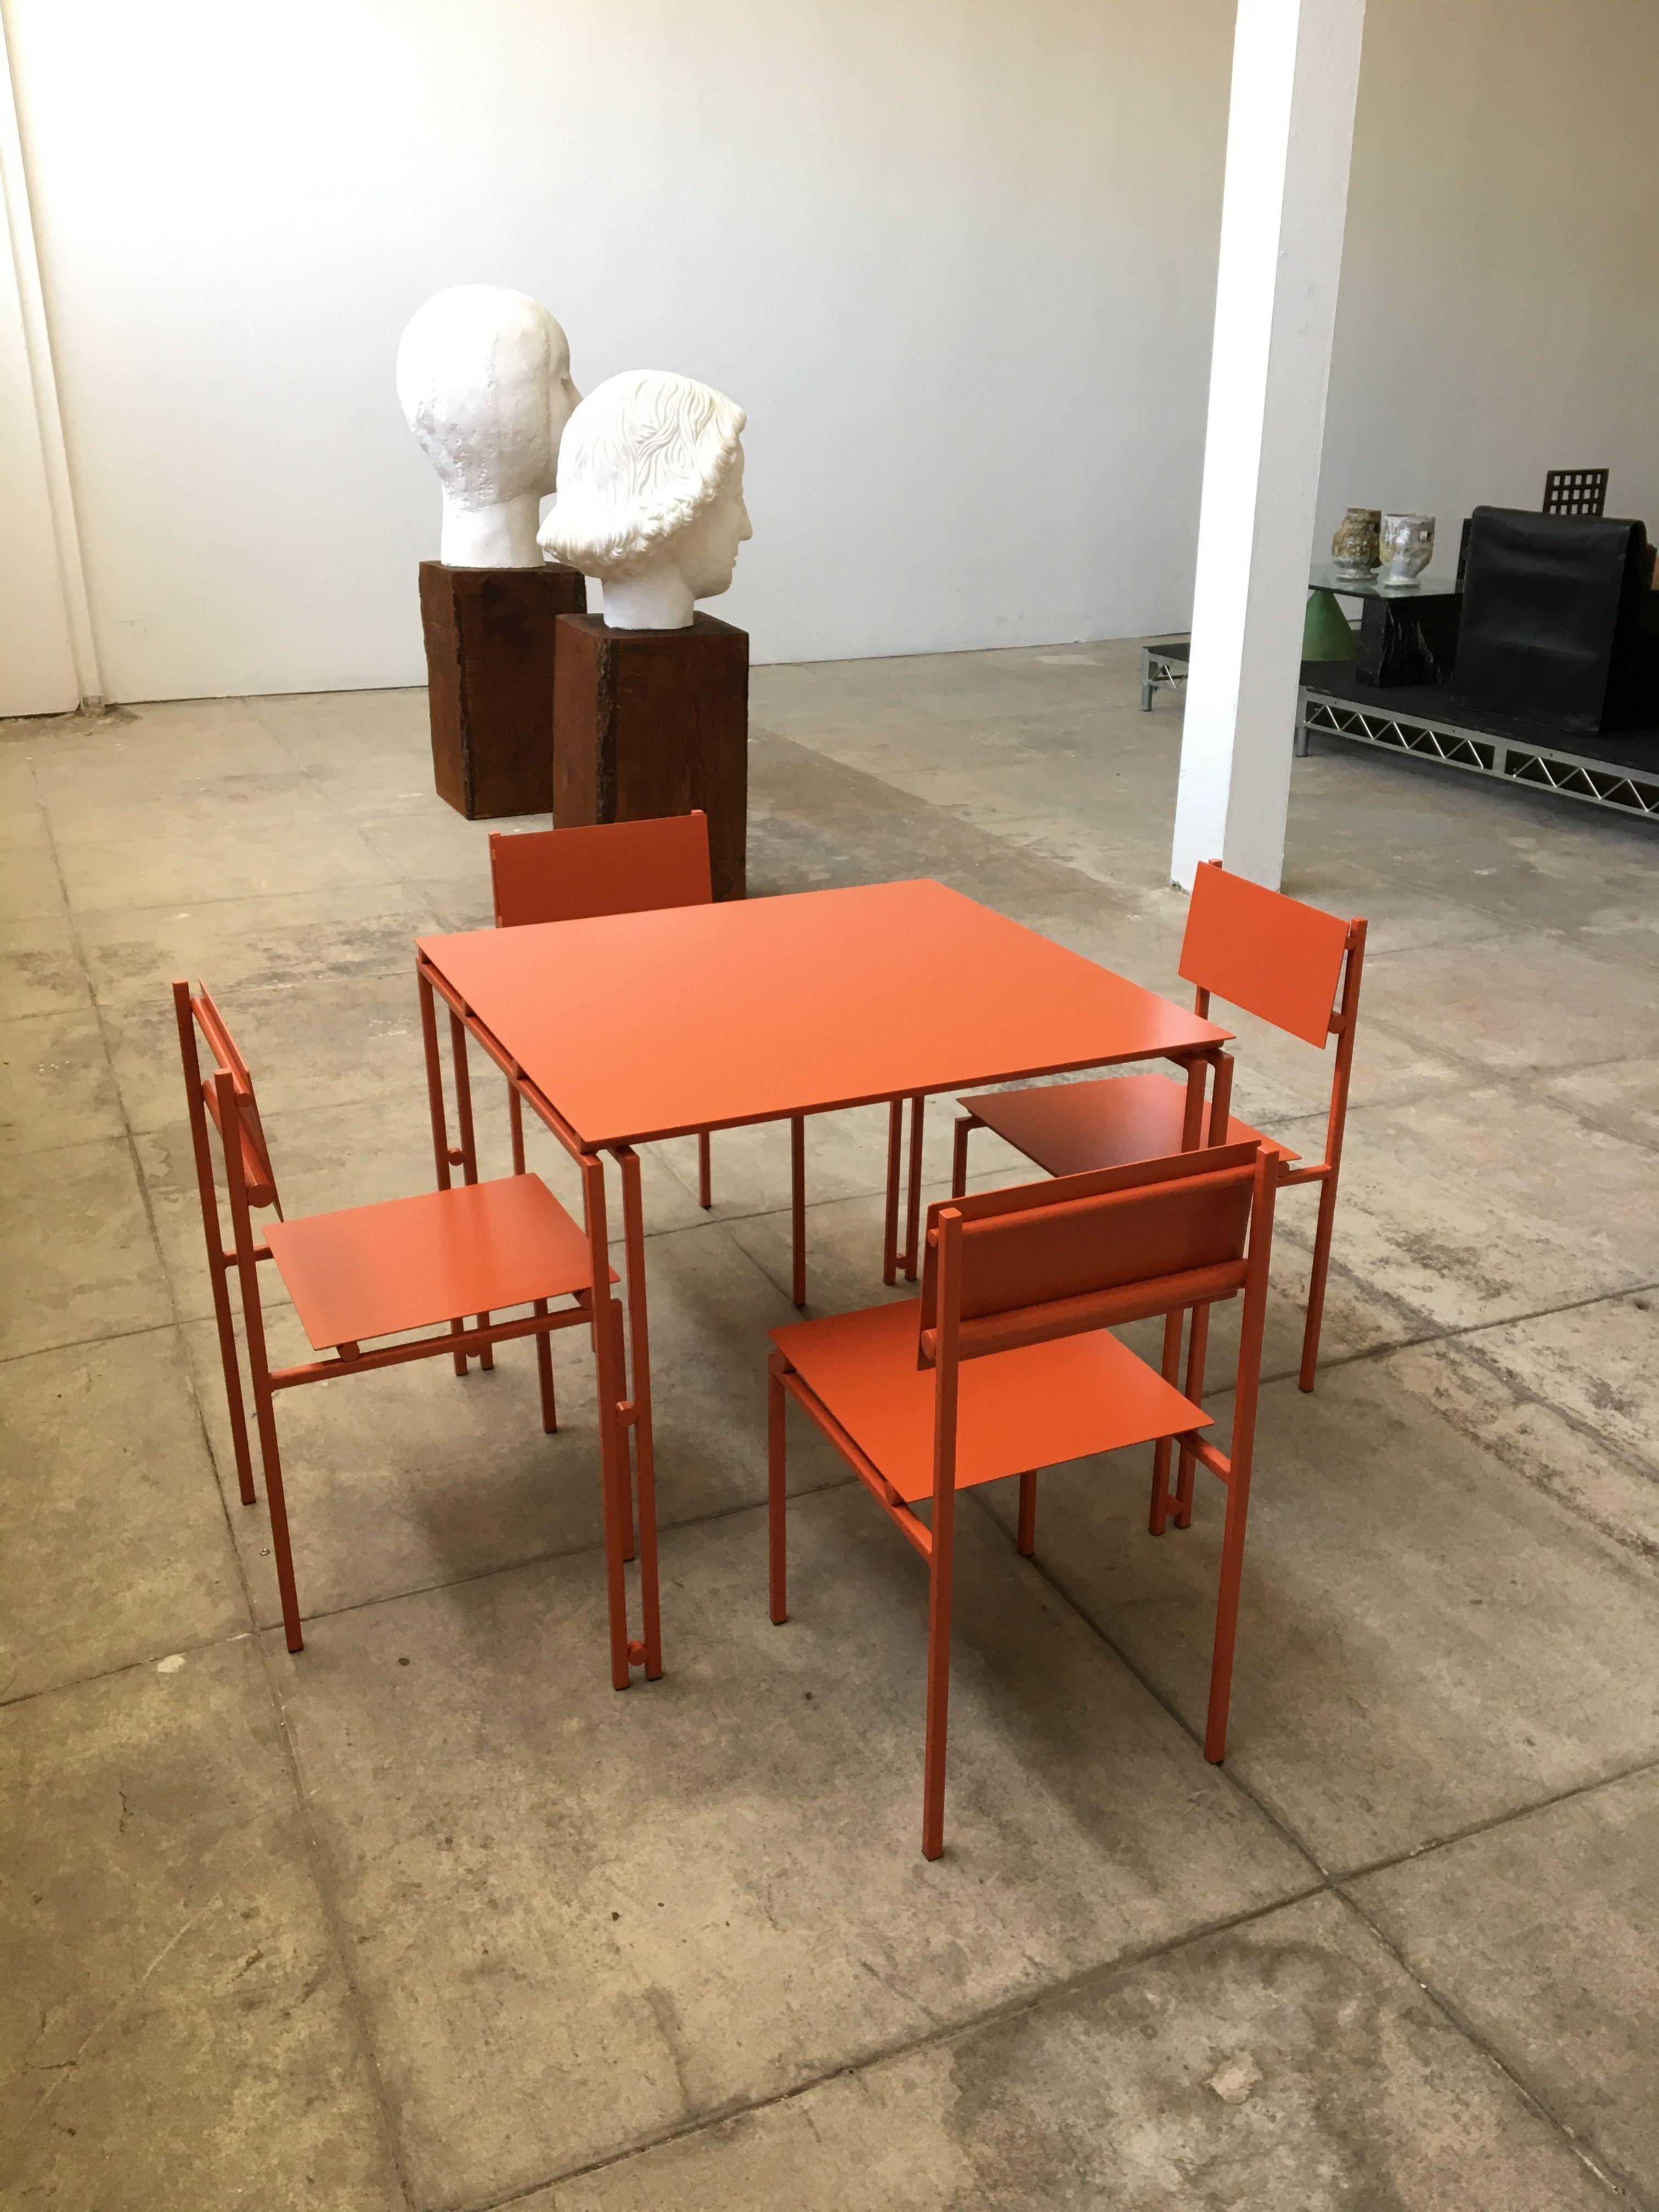 Suspension Metal Set - SIZED LA product image 18